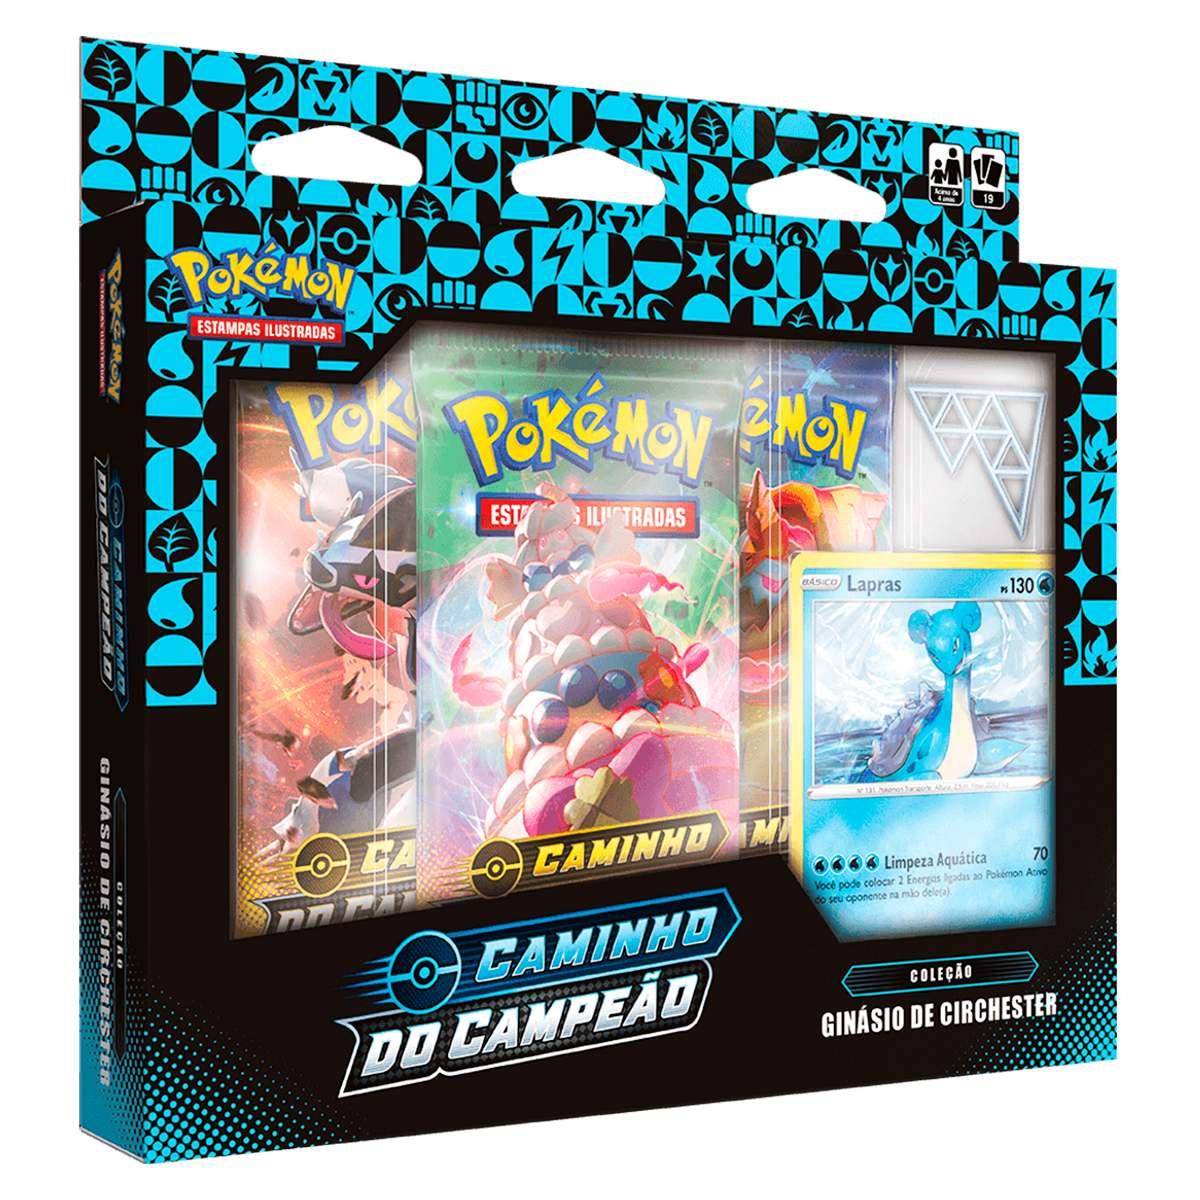 Box Pokemon Lapras Caminho do Campeão